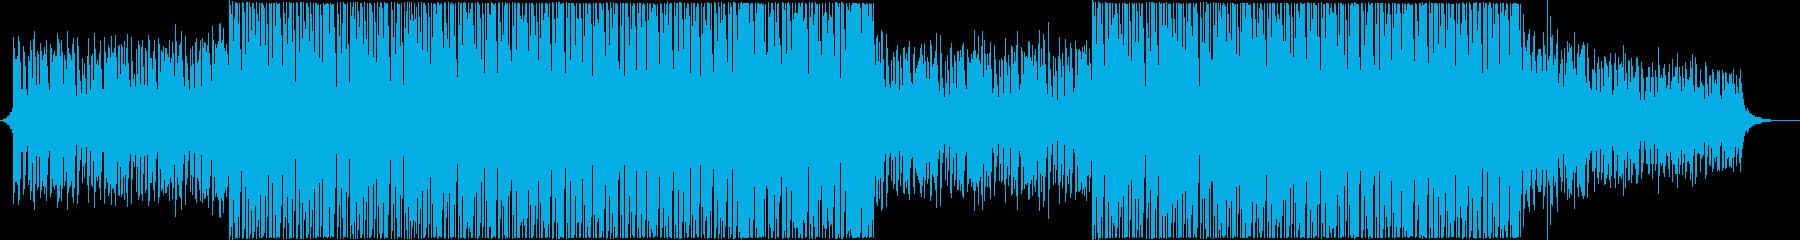 モダン テクノ ハウス ダンス プ...の再生済みの波形